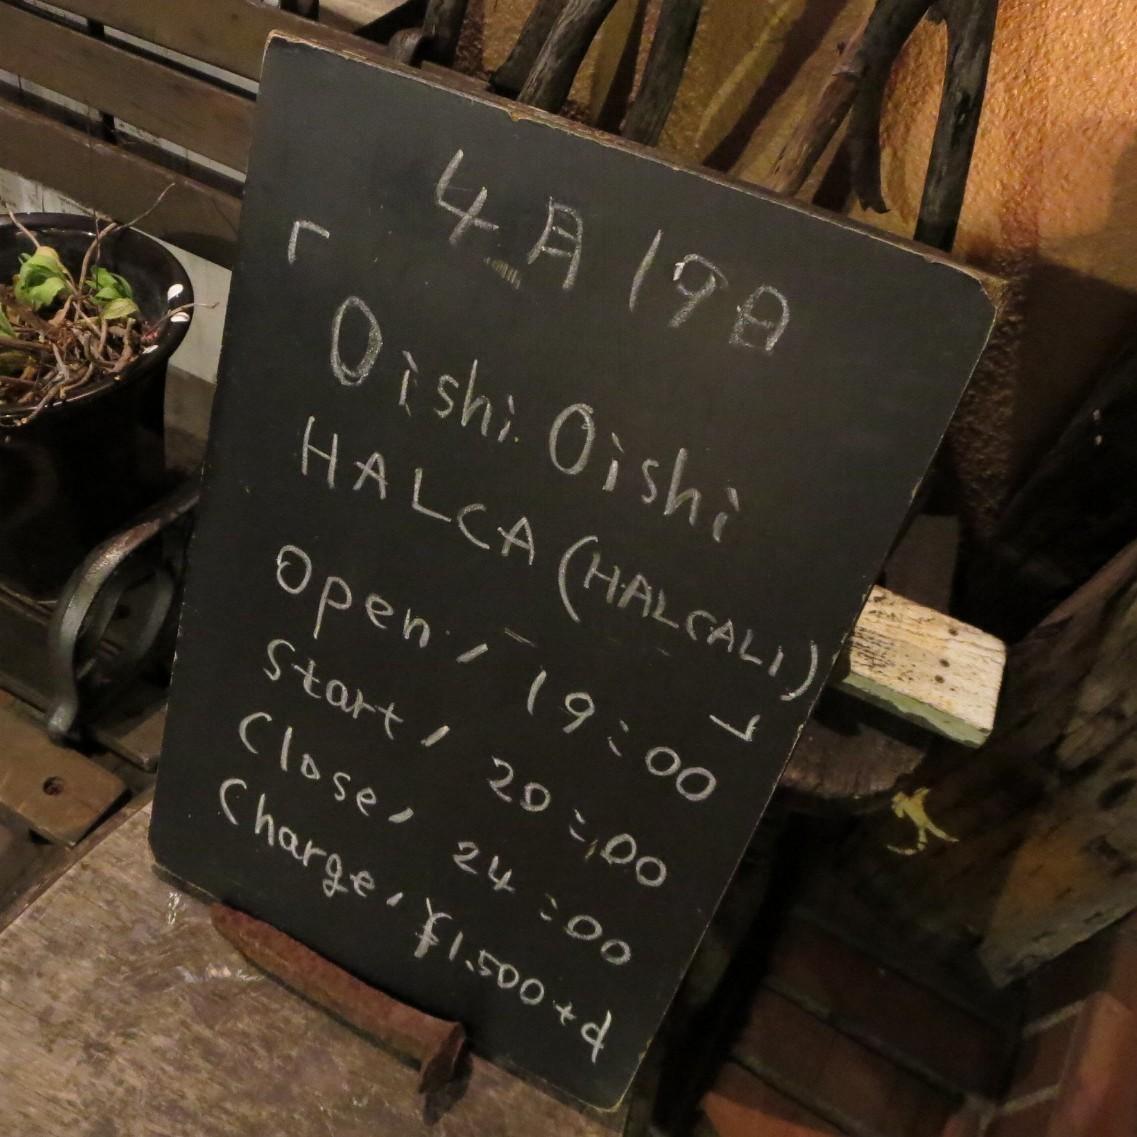 OishiiOishii HALCA lete